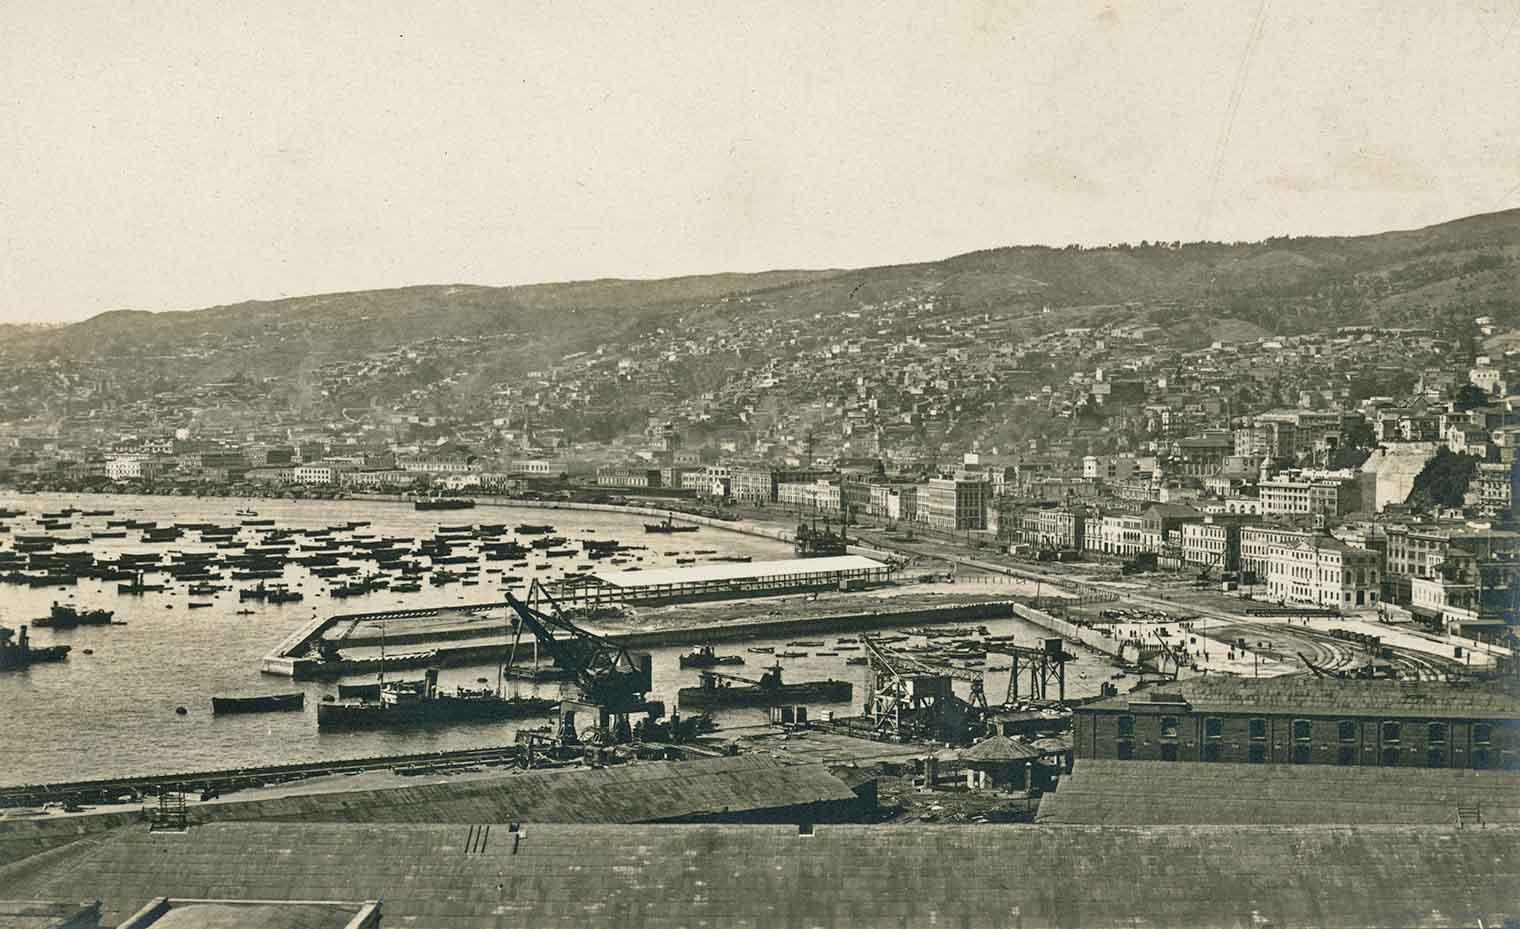 Enterreno - Fotos históricas de chile - fotos antiguas de Chile - Puerto, Malecón y Muelles de Valparaíso en 1924